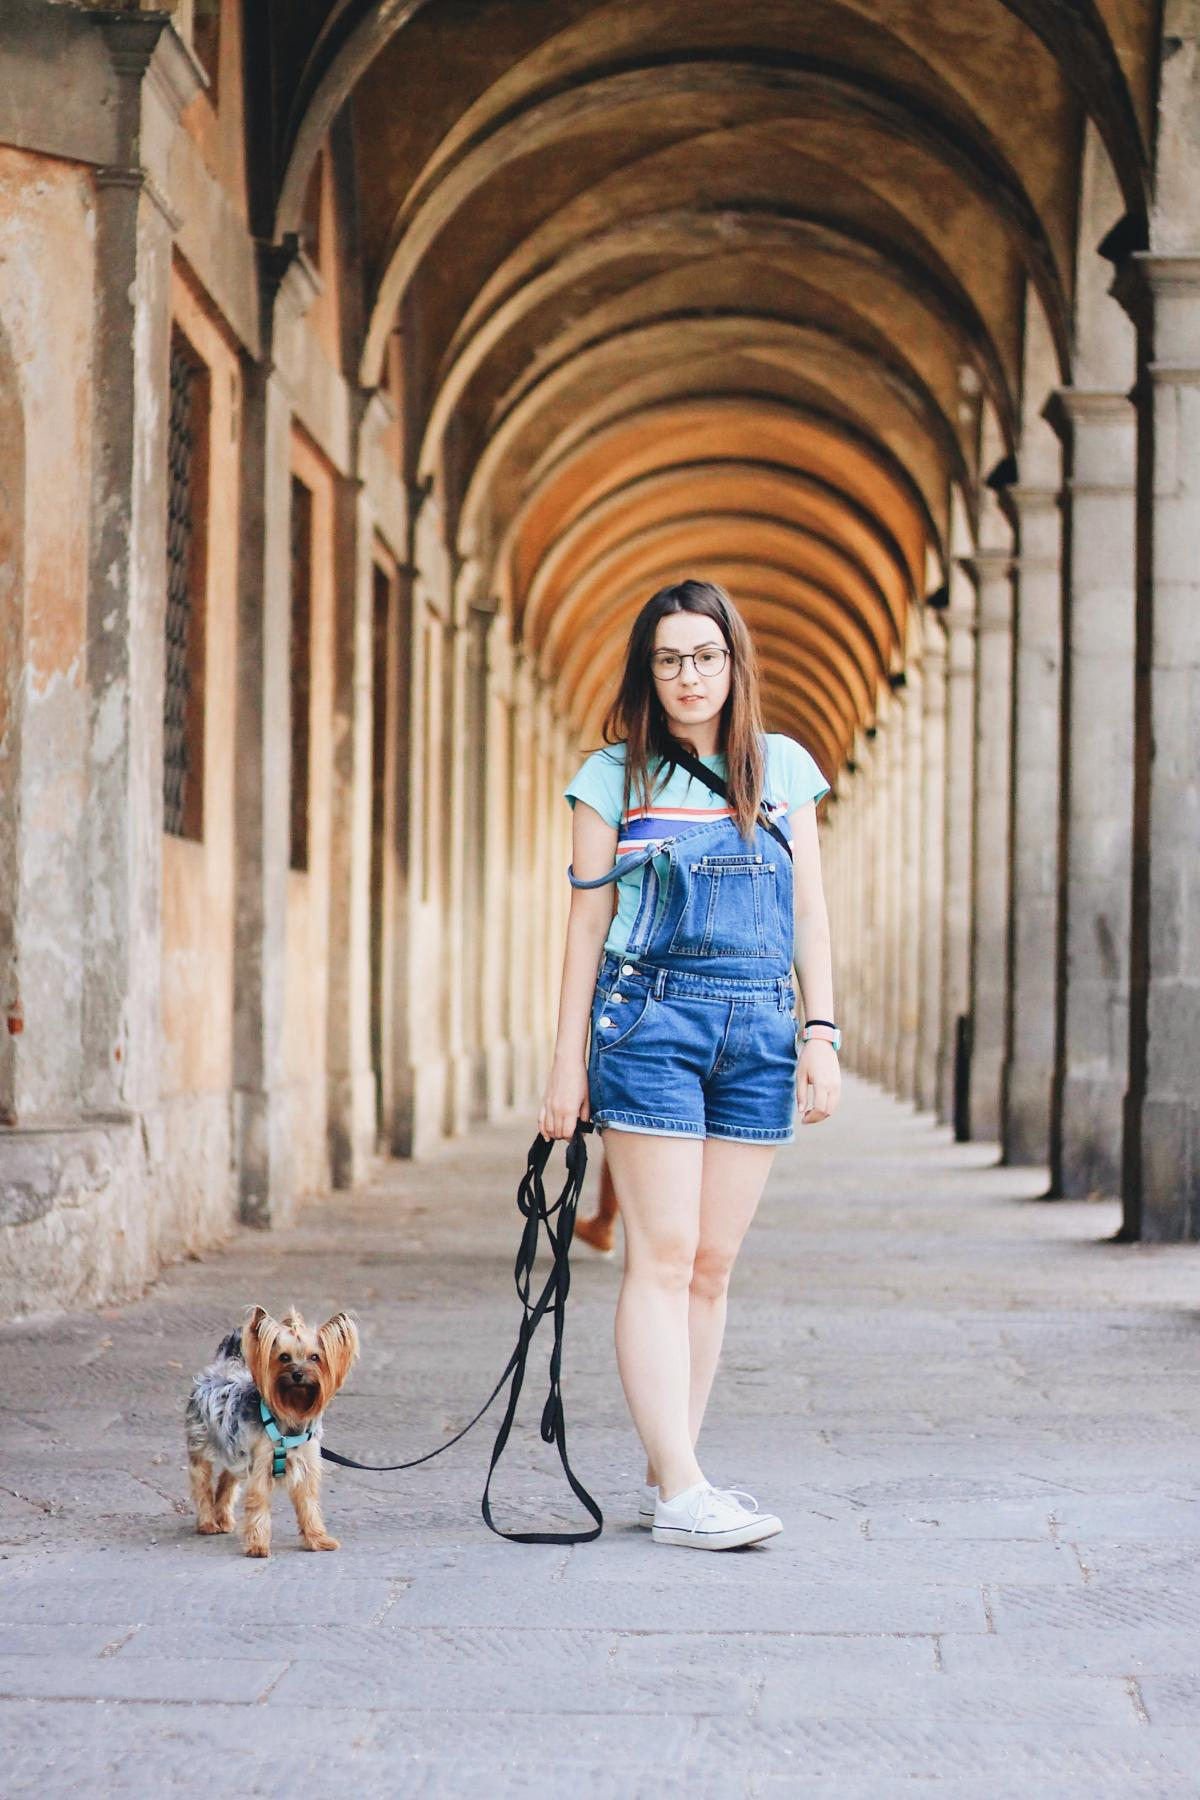 Знакомые вещи помогают собаке в незнакомой обстановке / Фото Елена Браун